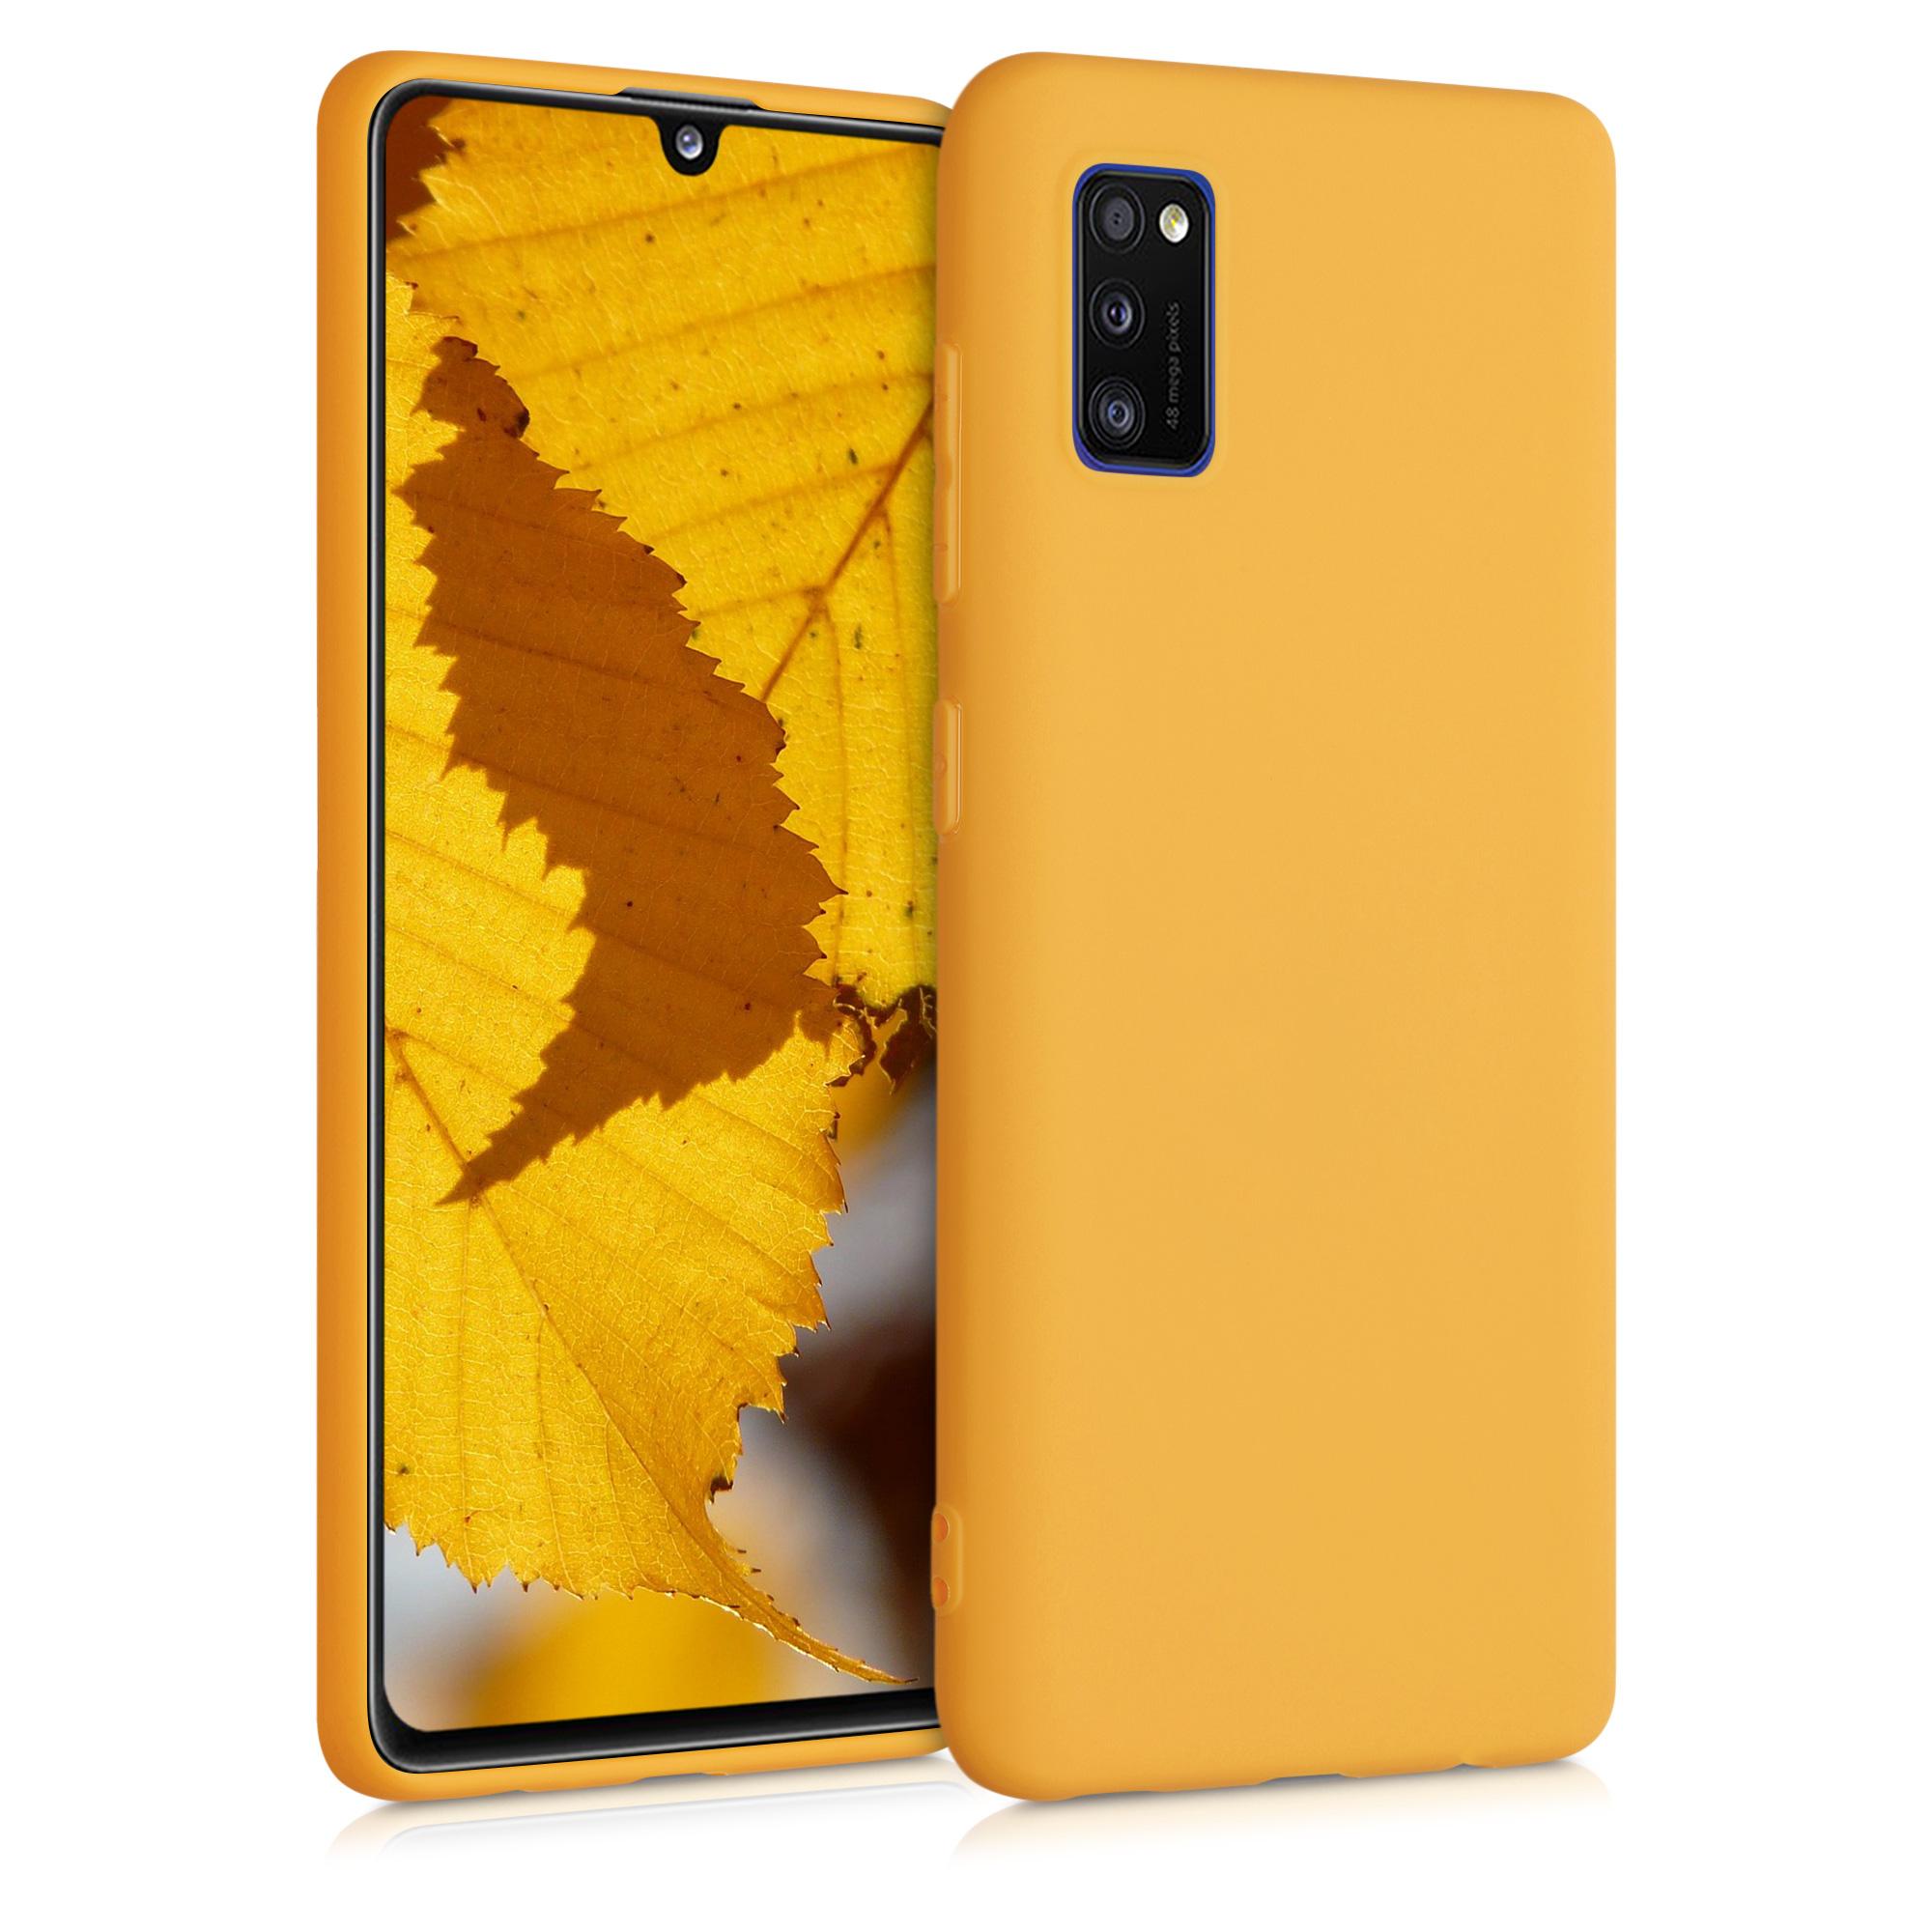 Kvalitní silikonové TPU pouzdro pro Samsung A41 - Iced Mango